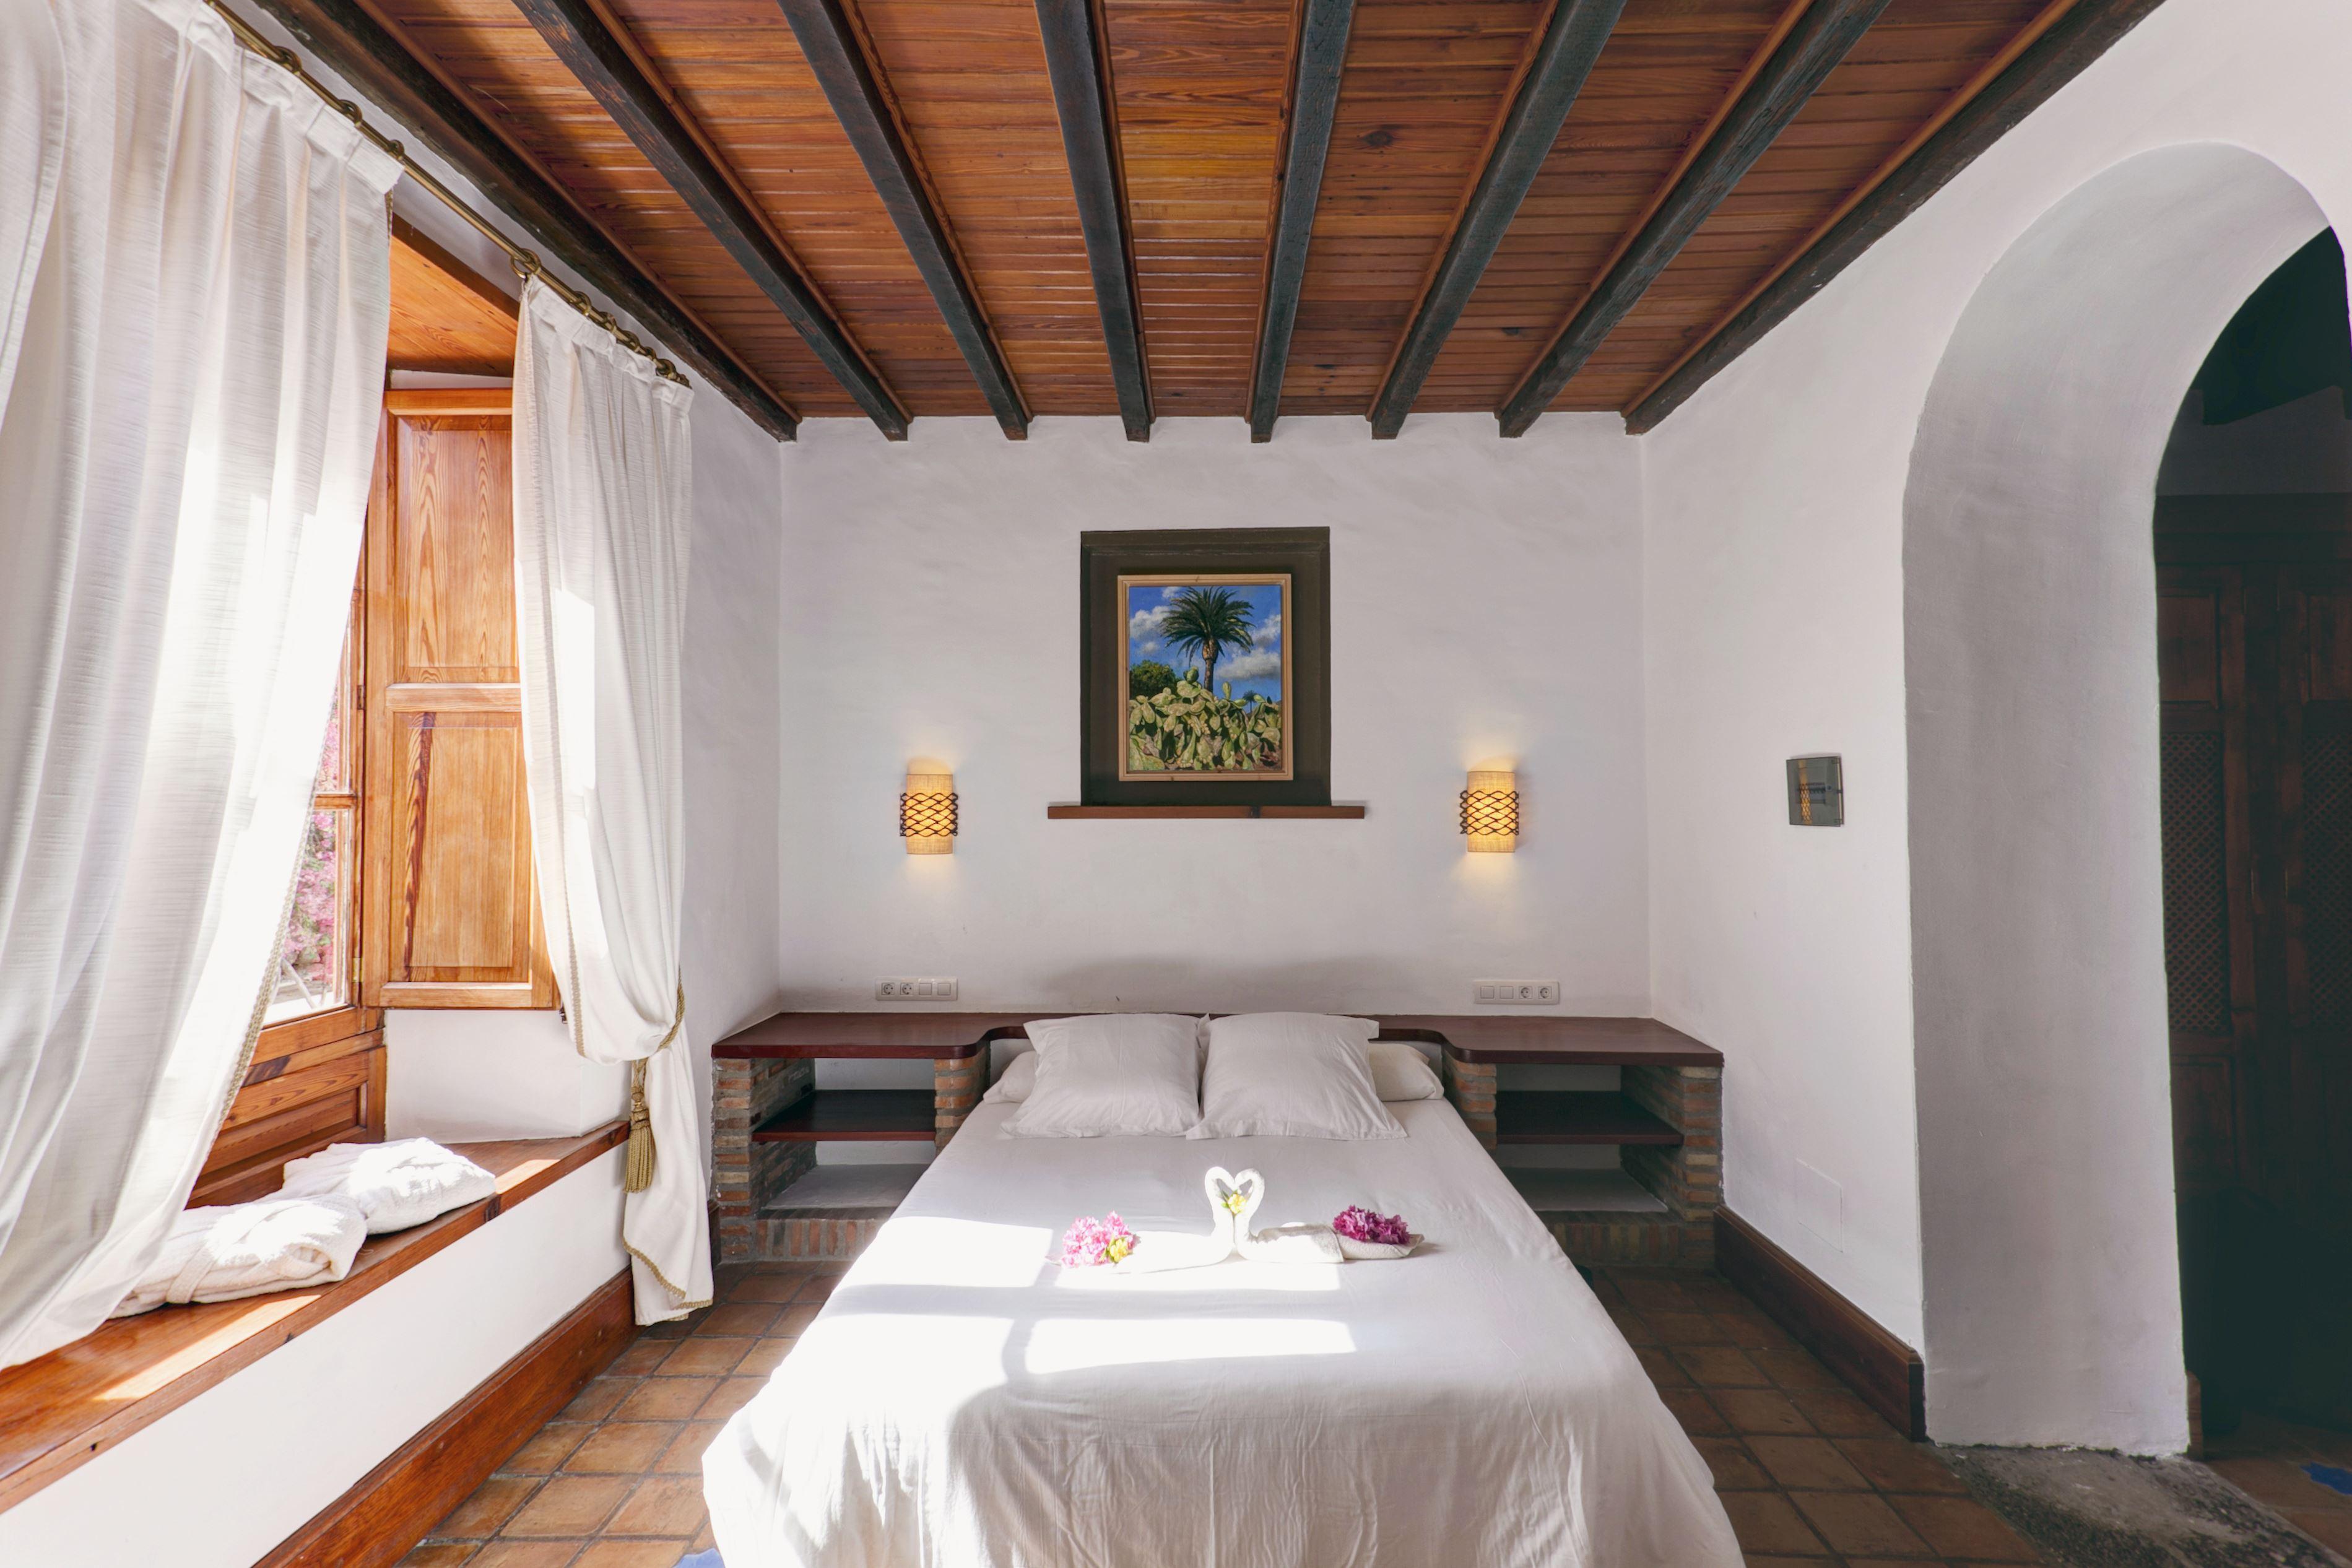 Hotell La Casona de Yaiza: Konst, natur och det äkta Lanzarote!